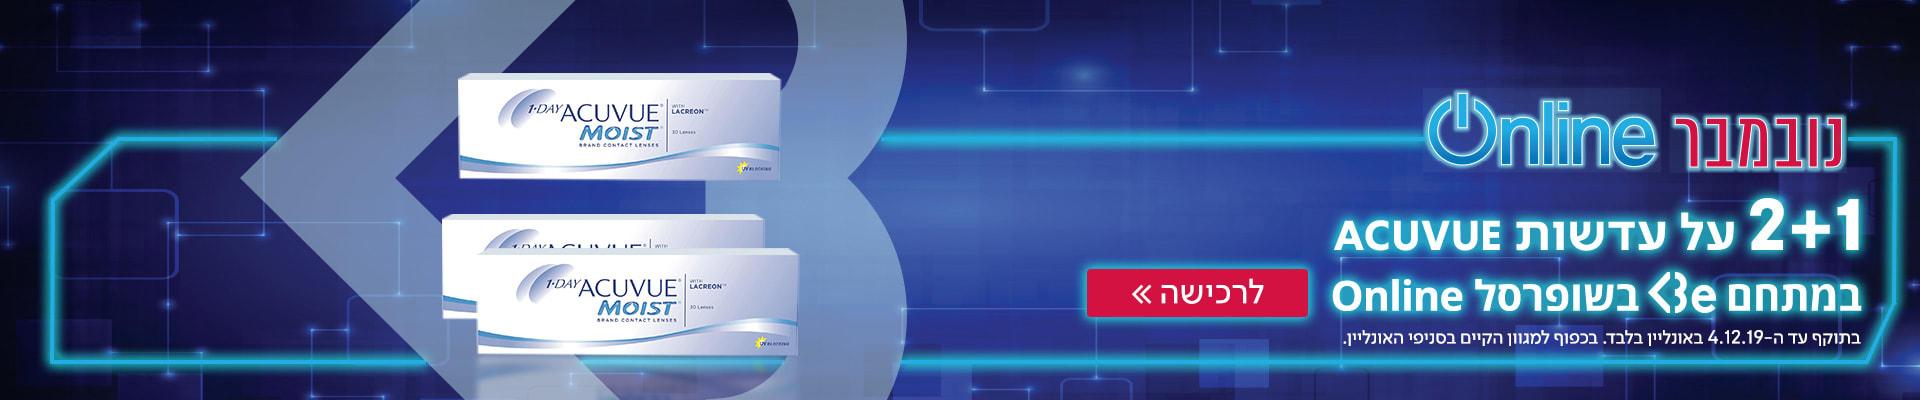 במתחם Be בשופרסל Online2+1 על עדשות ACUVUE בתוקף 4.12.19 באונליין בלבד. בכפוף למגוון הקיים בסניפי האונליין.